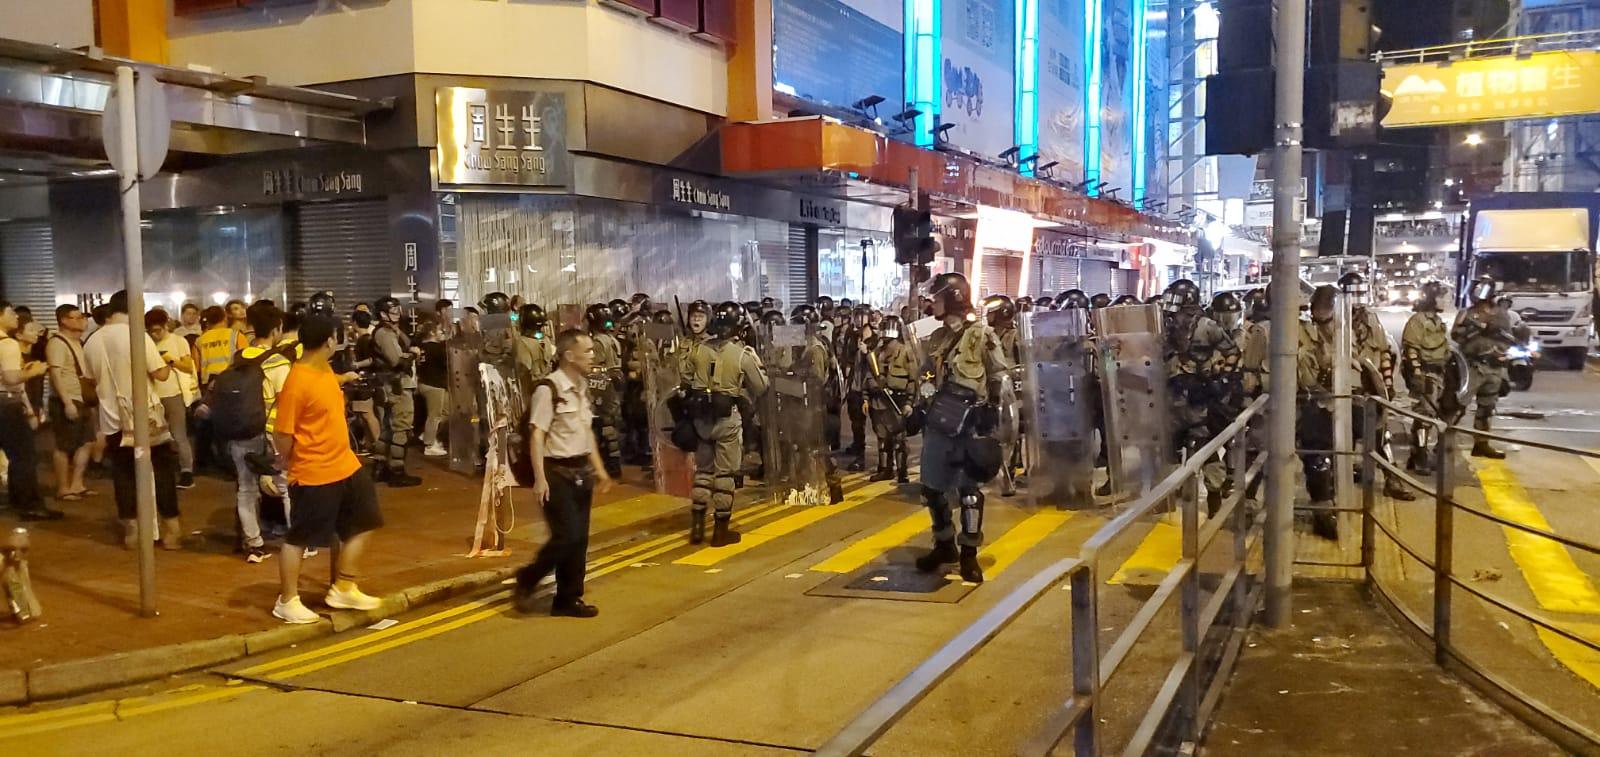 【修例风波】防暴警旺角弥敦道向油麻地推进 至少两人被捕